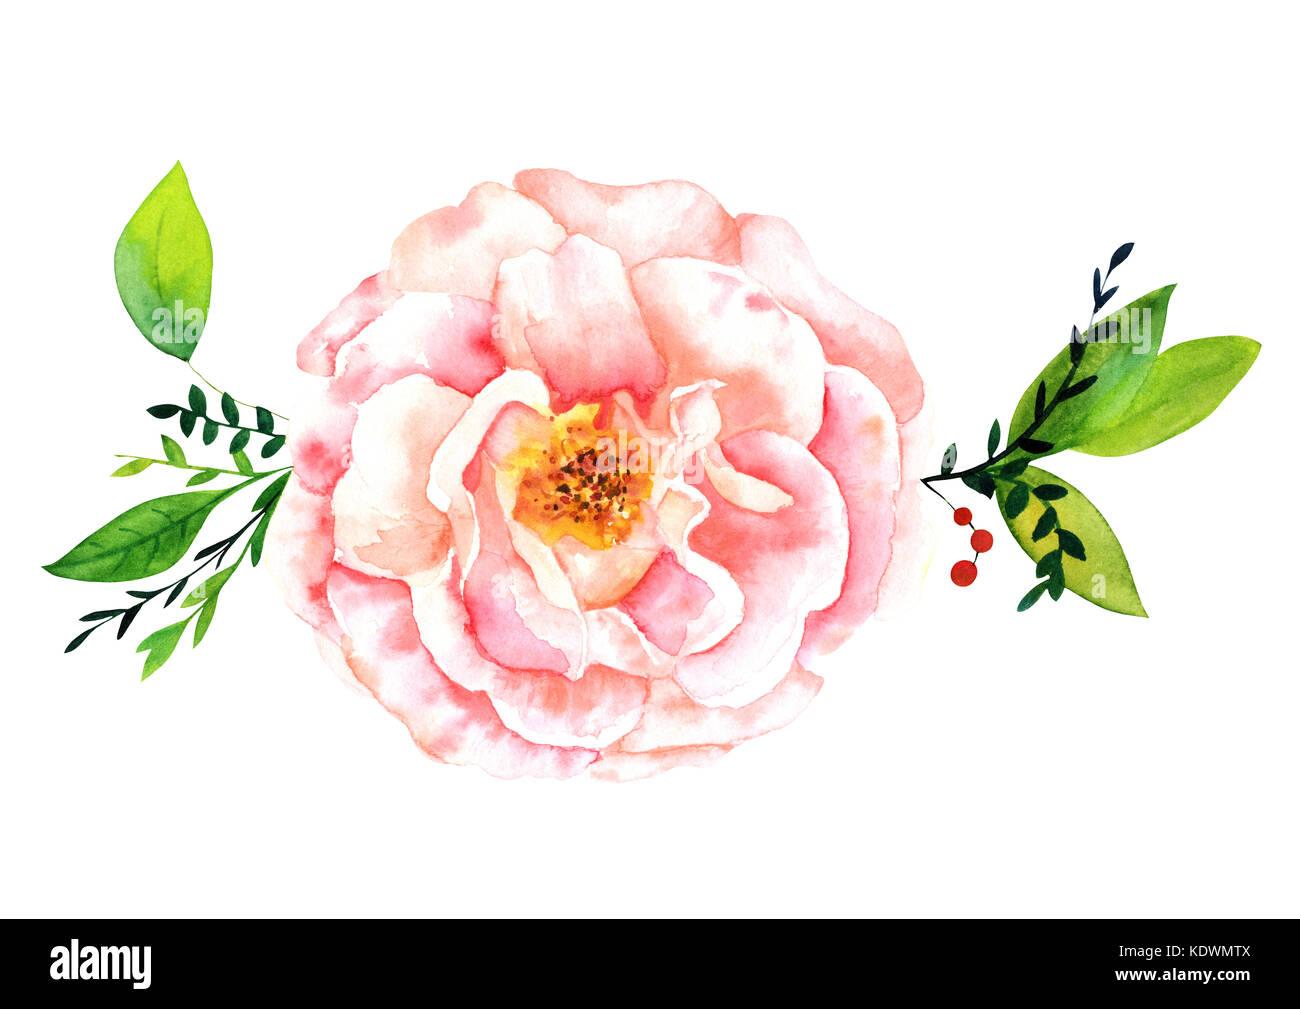 Une Aquarelle Dessin D Une Tendre Fleur Rose Rose Avec Des Feuilles